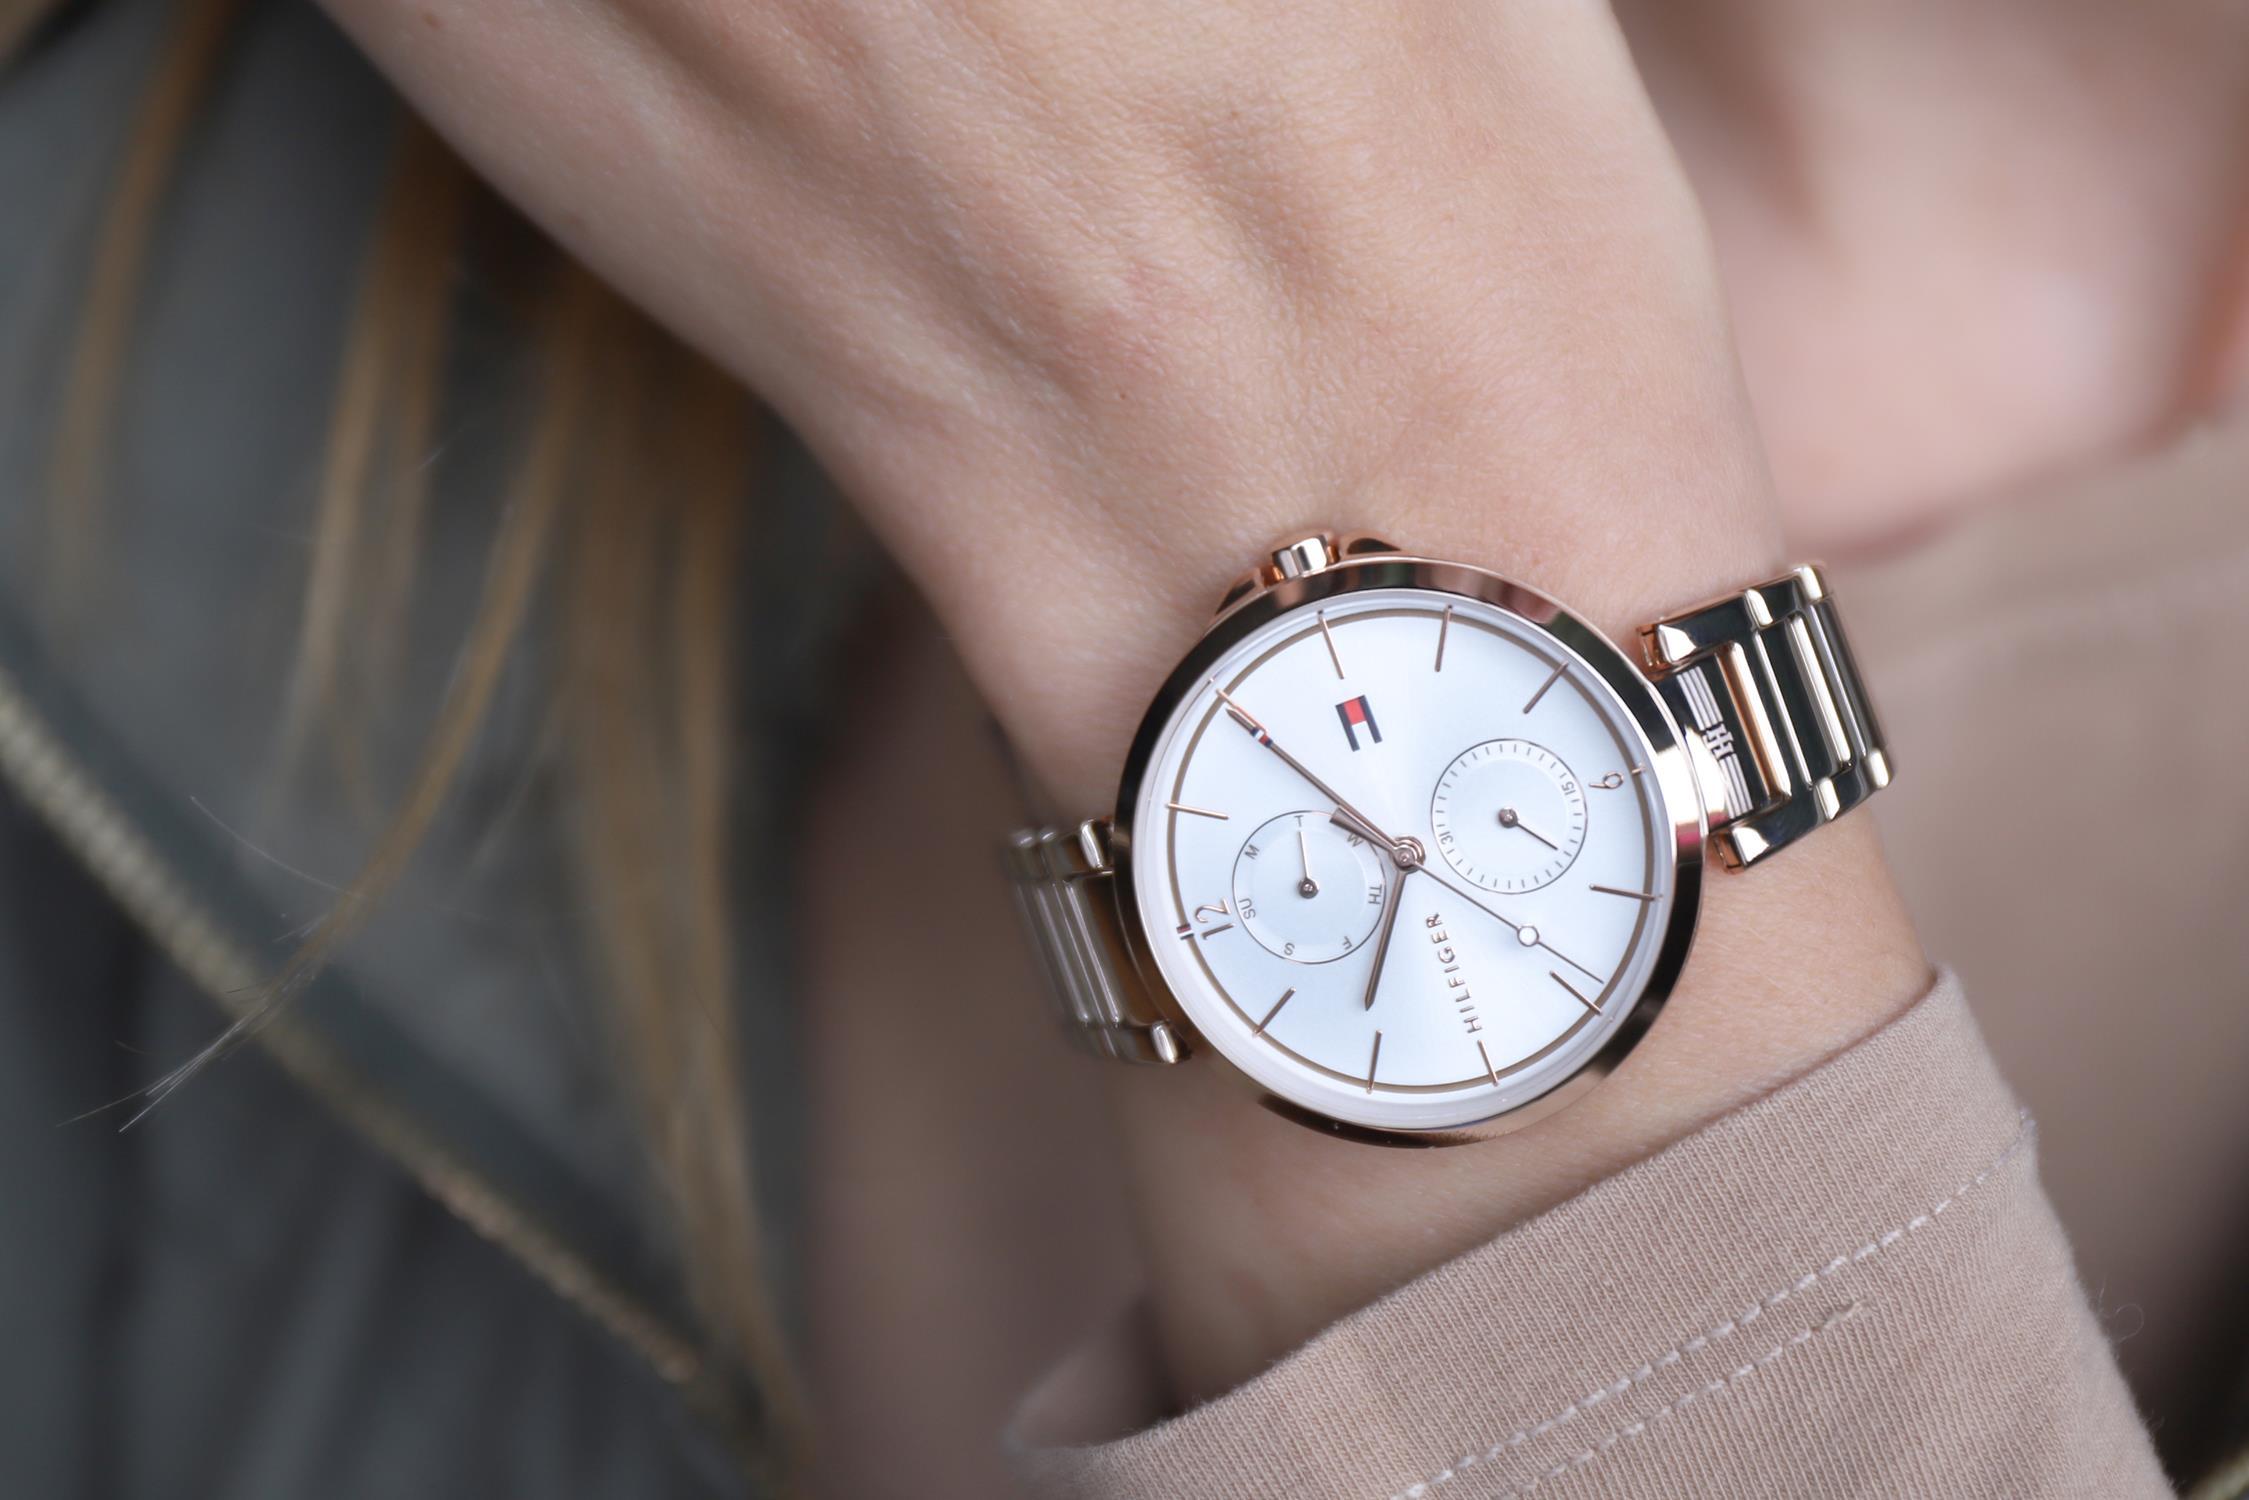 Zegarek damski Tommy Hilfiger damskie 1782124 - duże 3